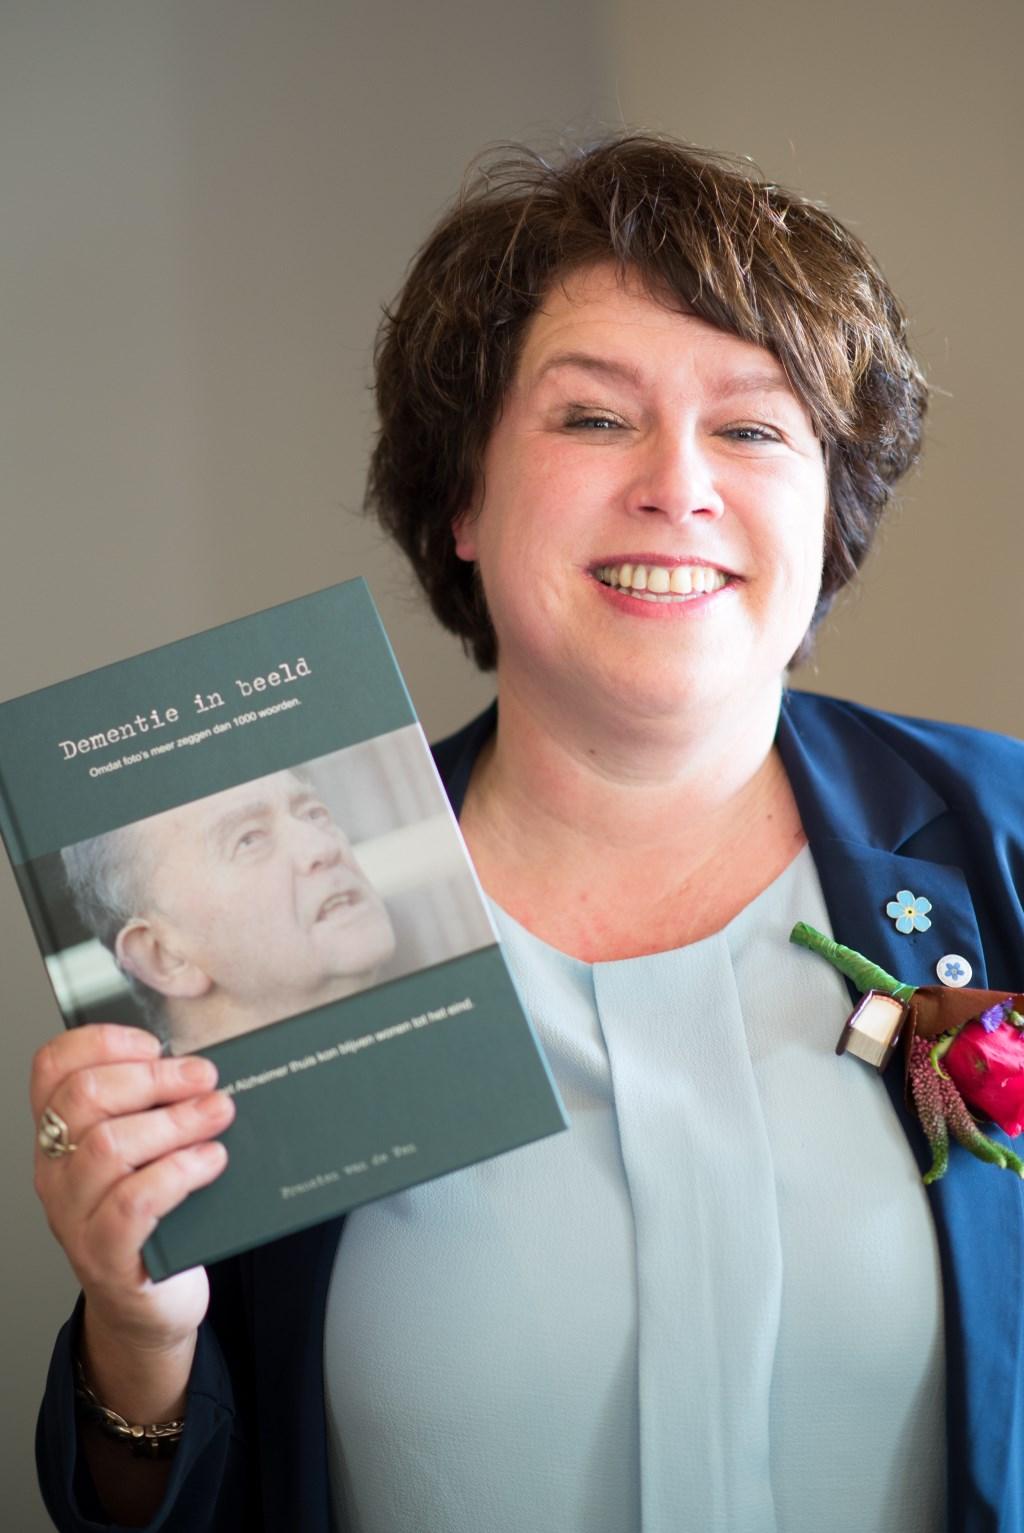 Francien van de Ven is woensdag 19 september te gast in de bibliotheek Helmond en vertelt over haar boek 'Dementie in Beeld'.